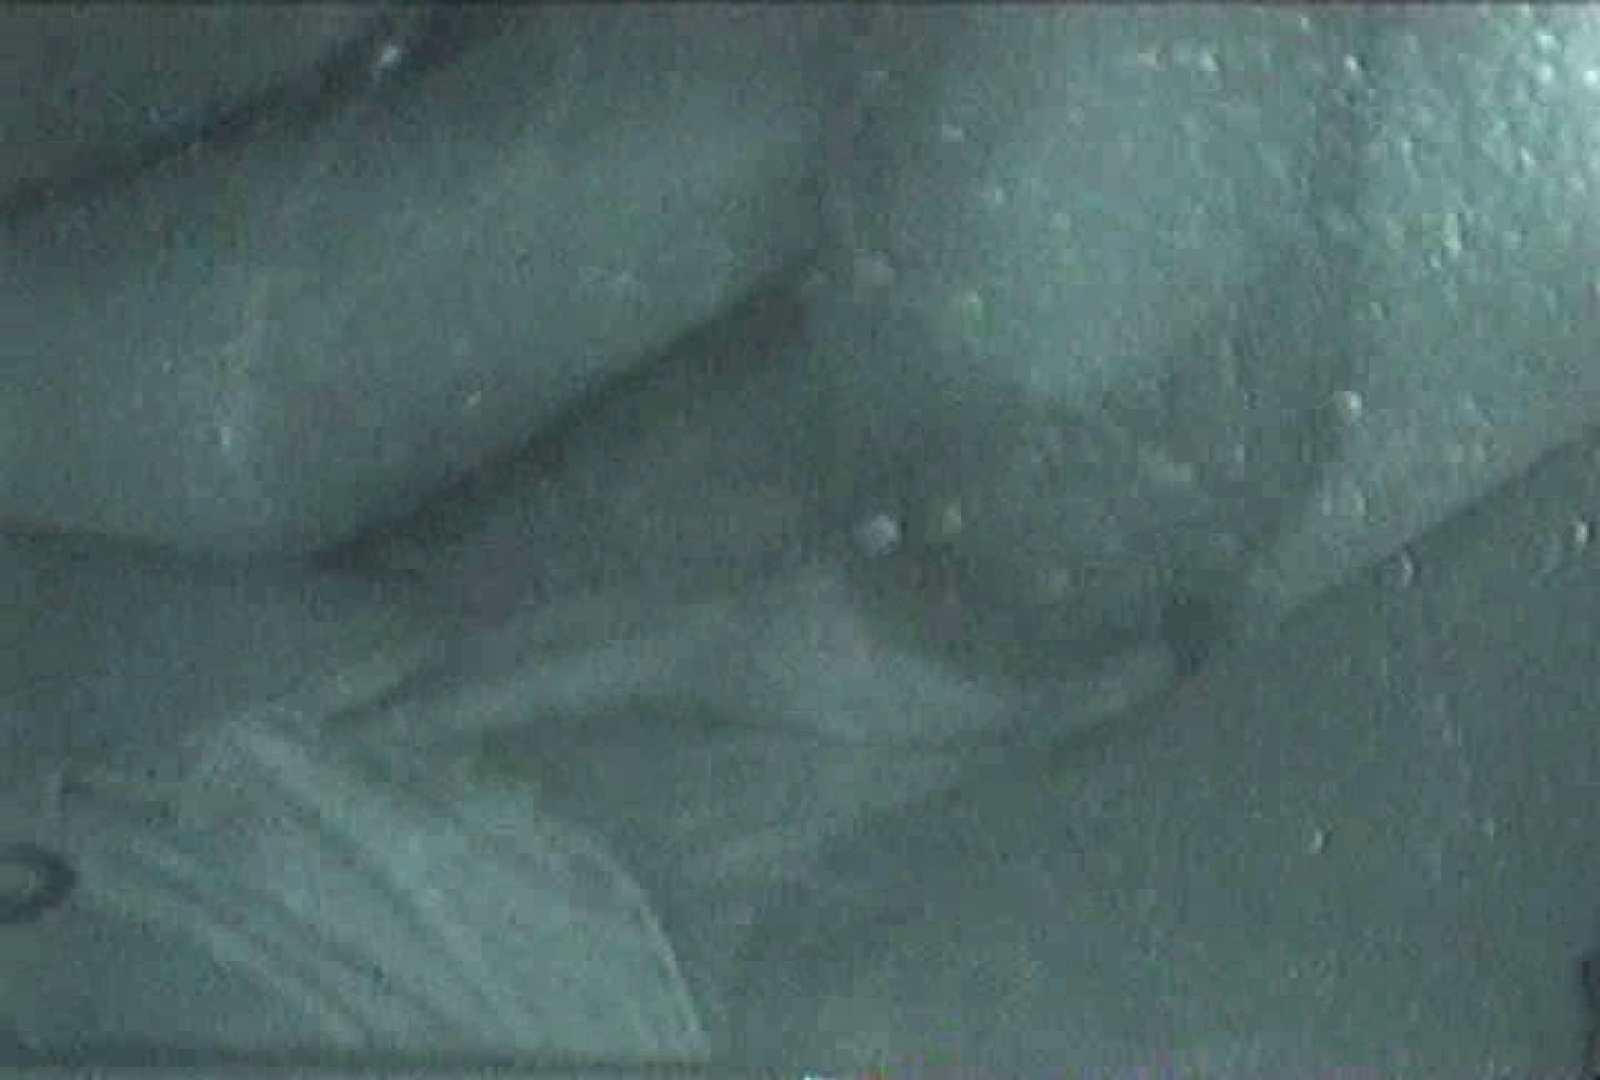 「充血監督」さんの深夜の運動会!! vol.096 マンコ特集 | ギャル・コレクション  22連発 4